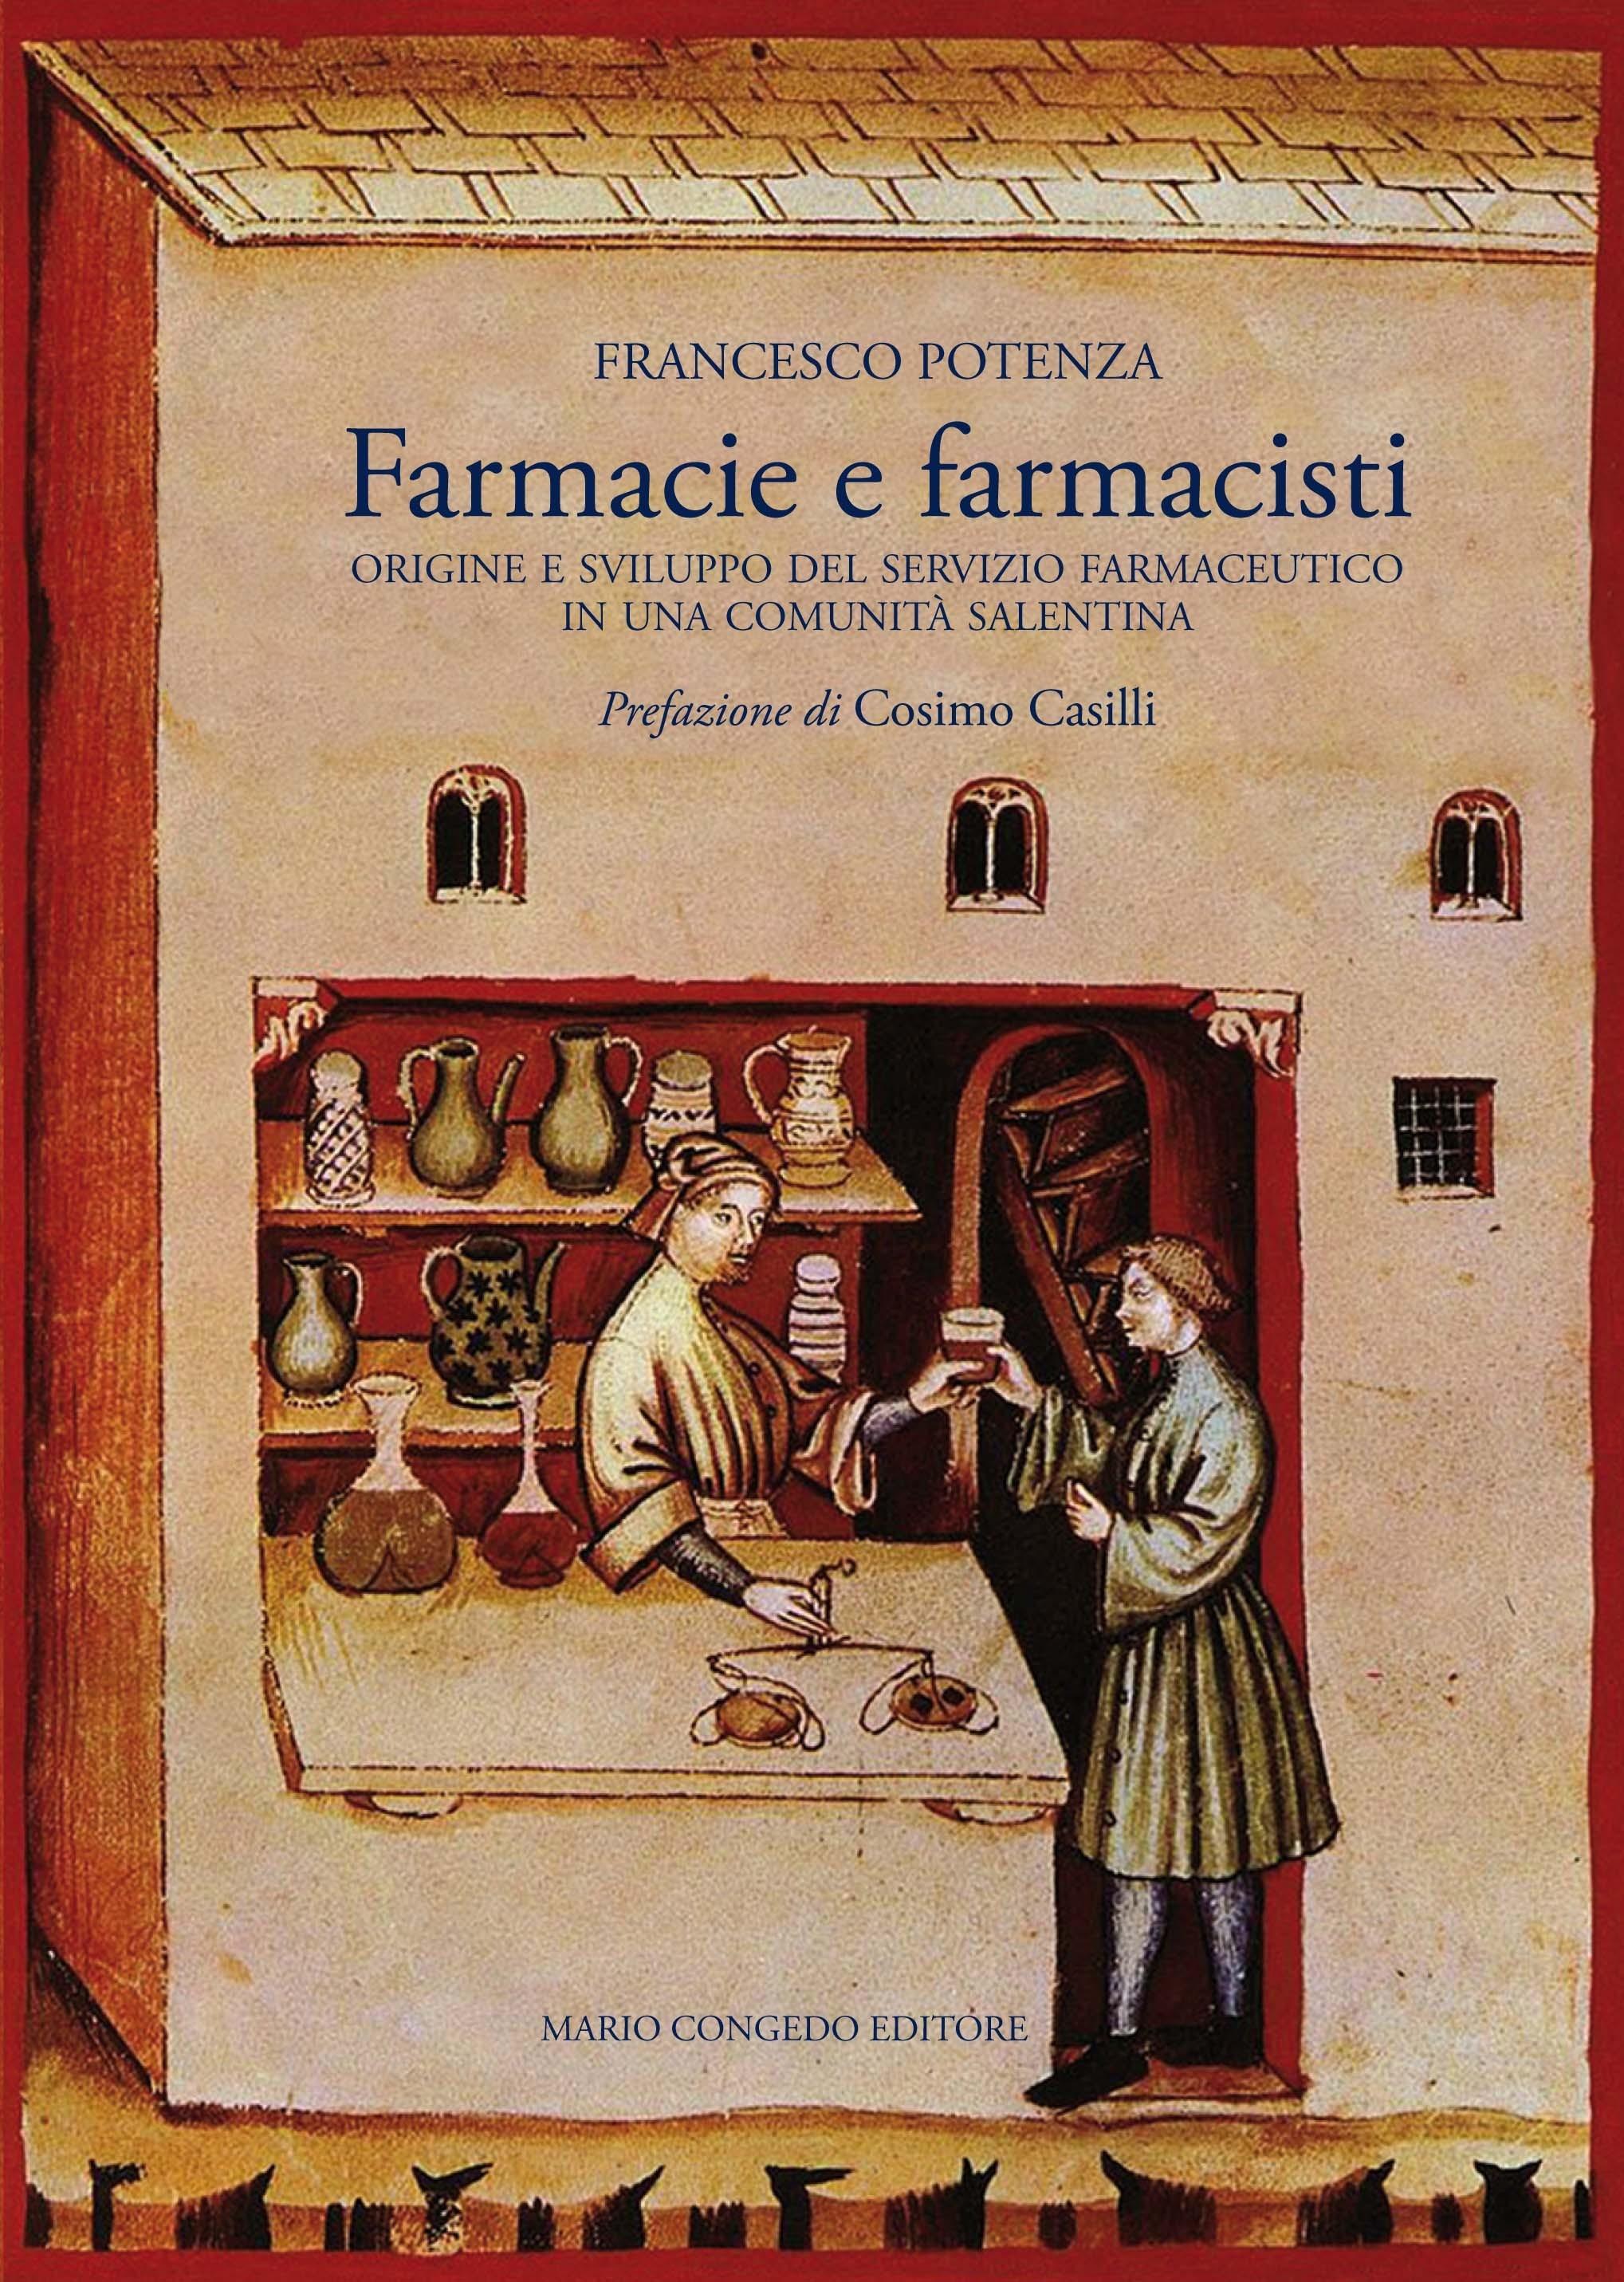 Farmacie e farmacisti. Origine e sviluppo del servizio farmaceutico in una comunità salentina